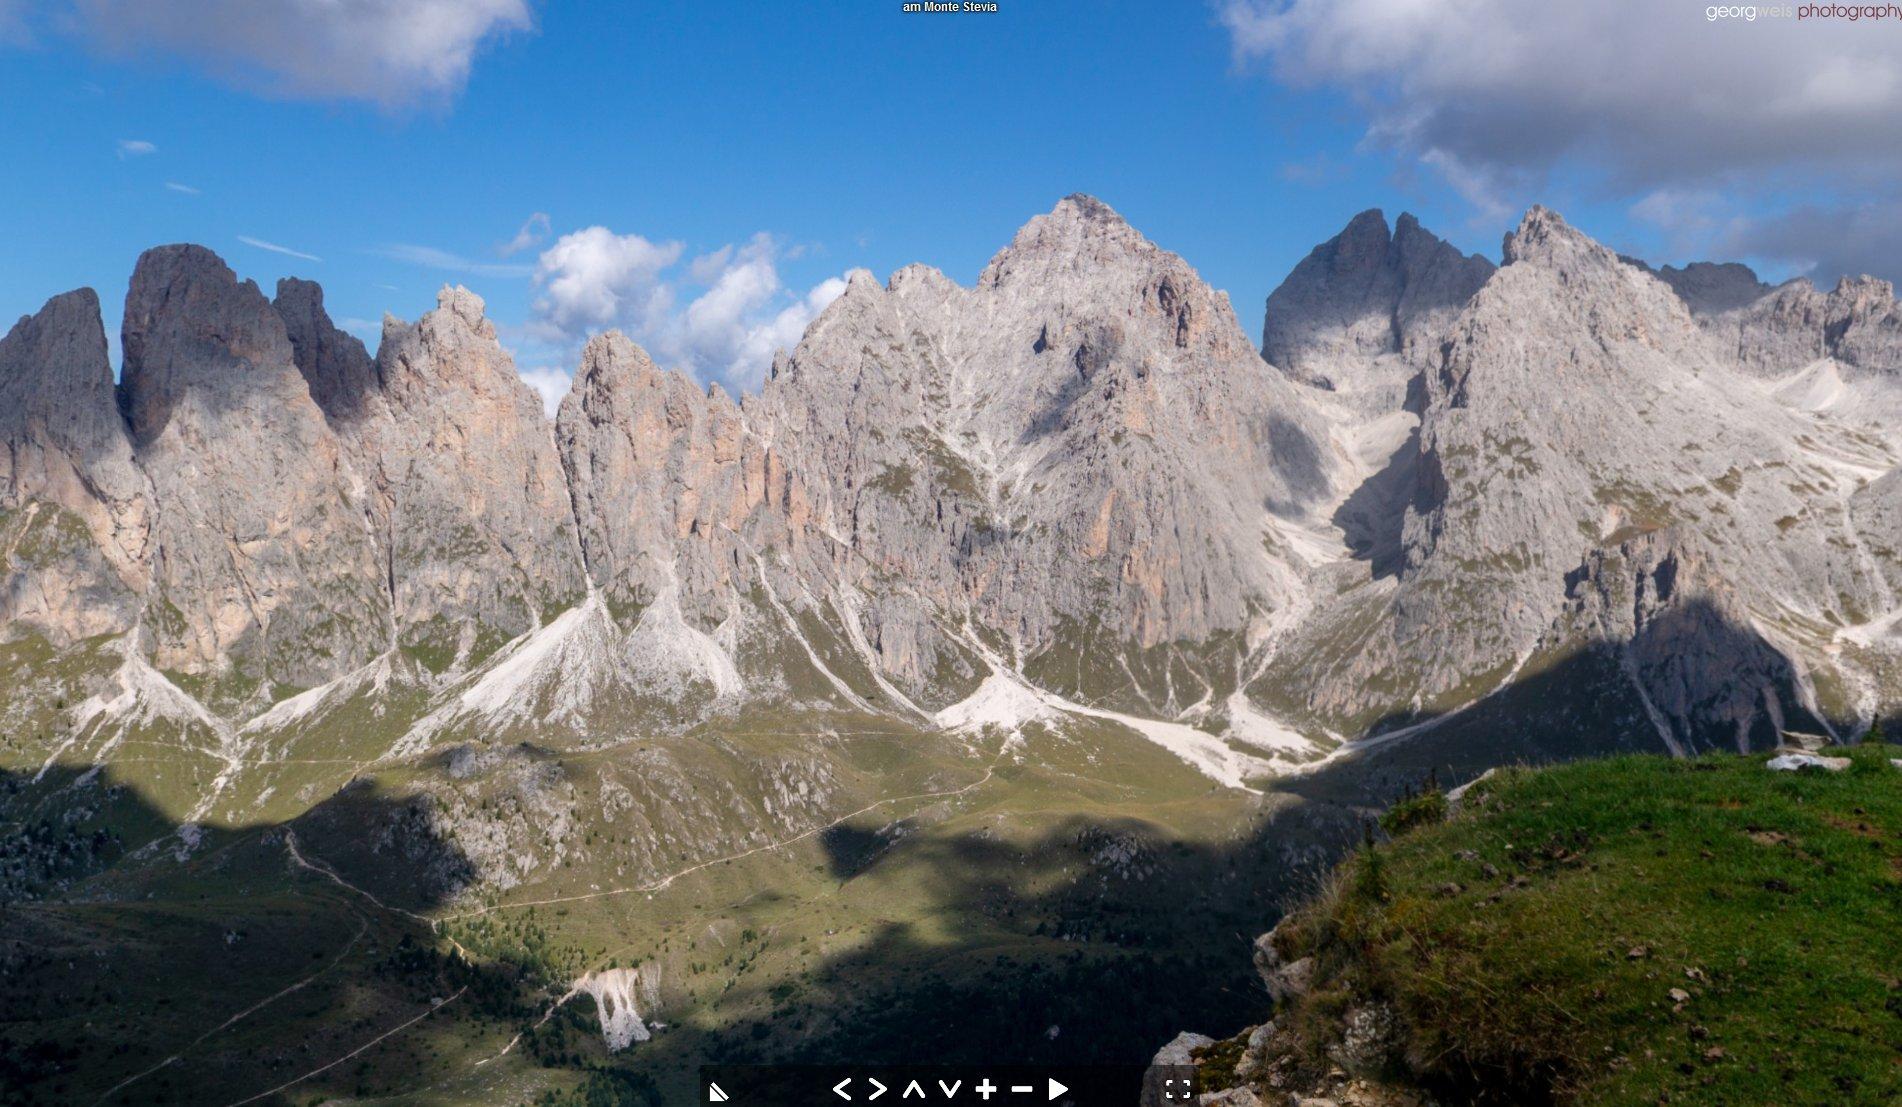 Monte Stevia (2280m), Gröden